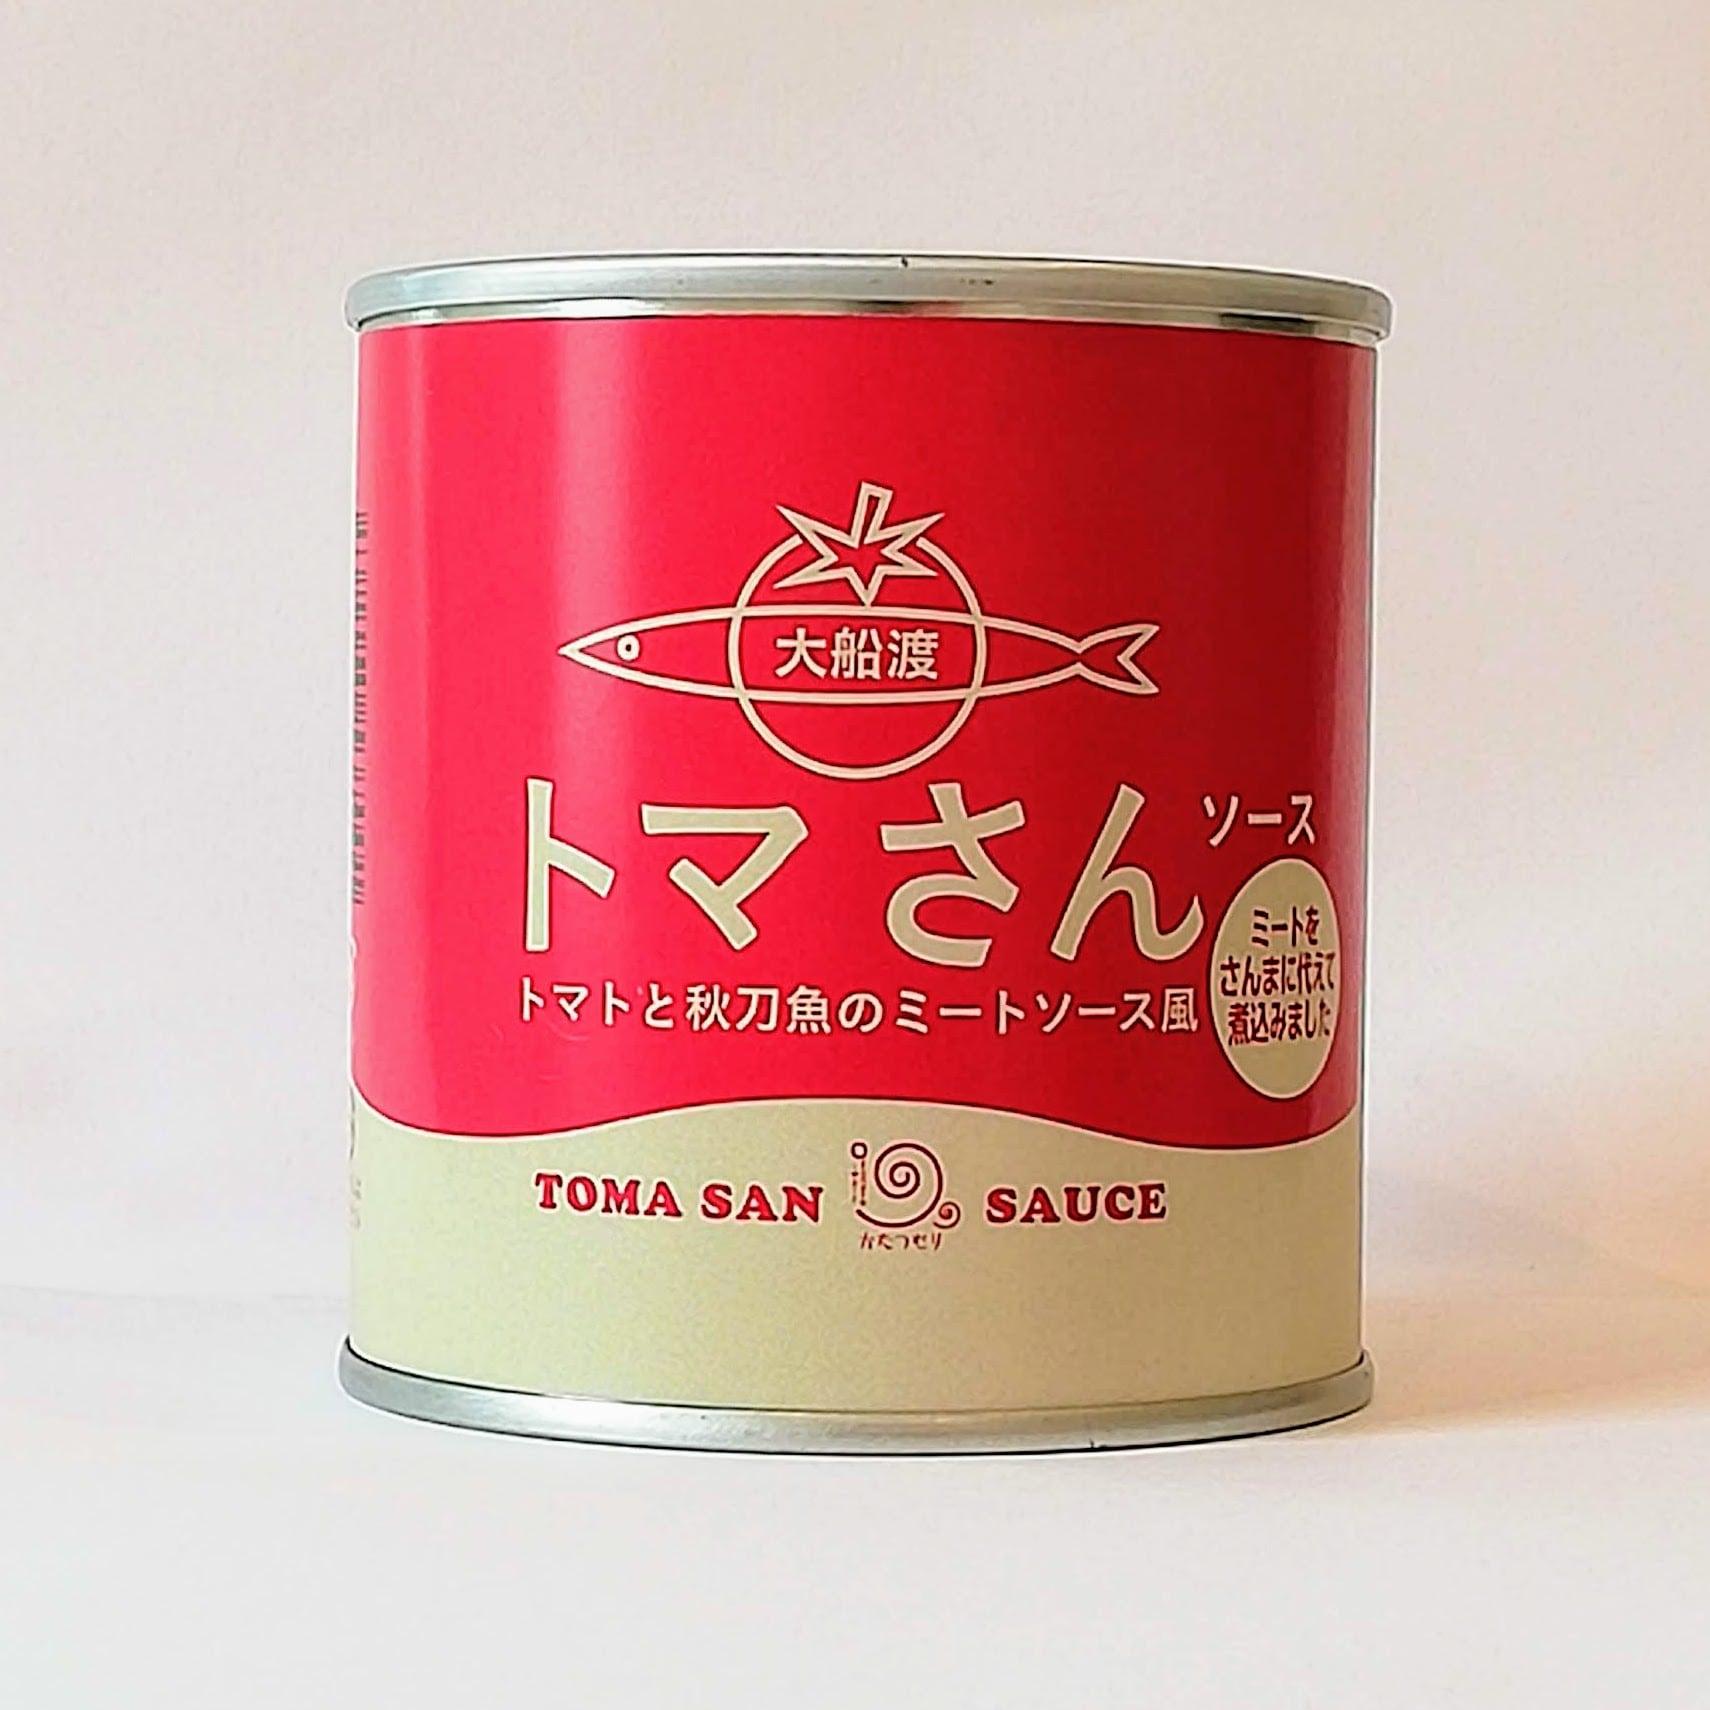 トマさんソース by @かたつむり 1,500円 (税・送料込)